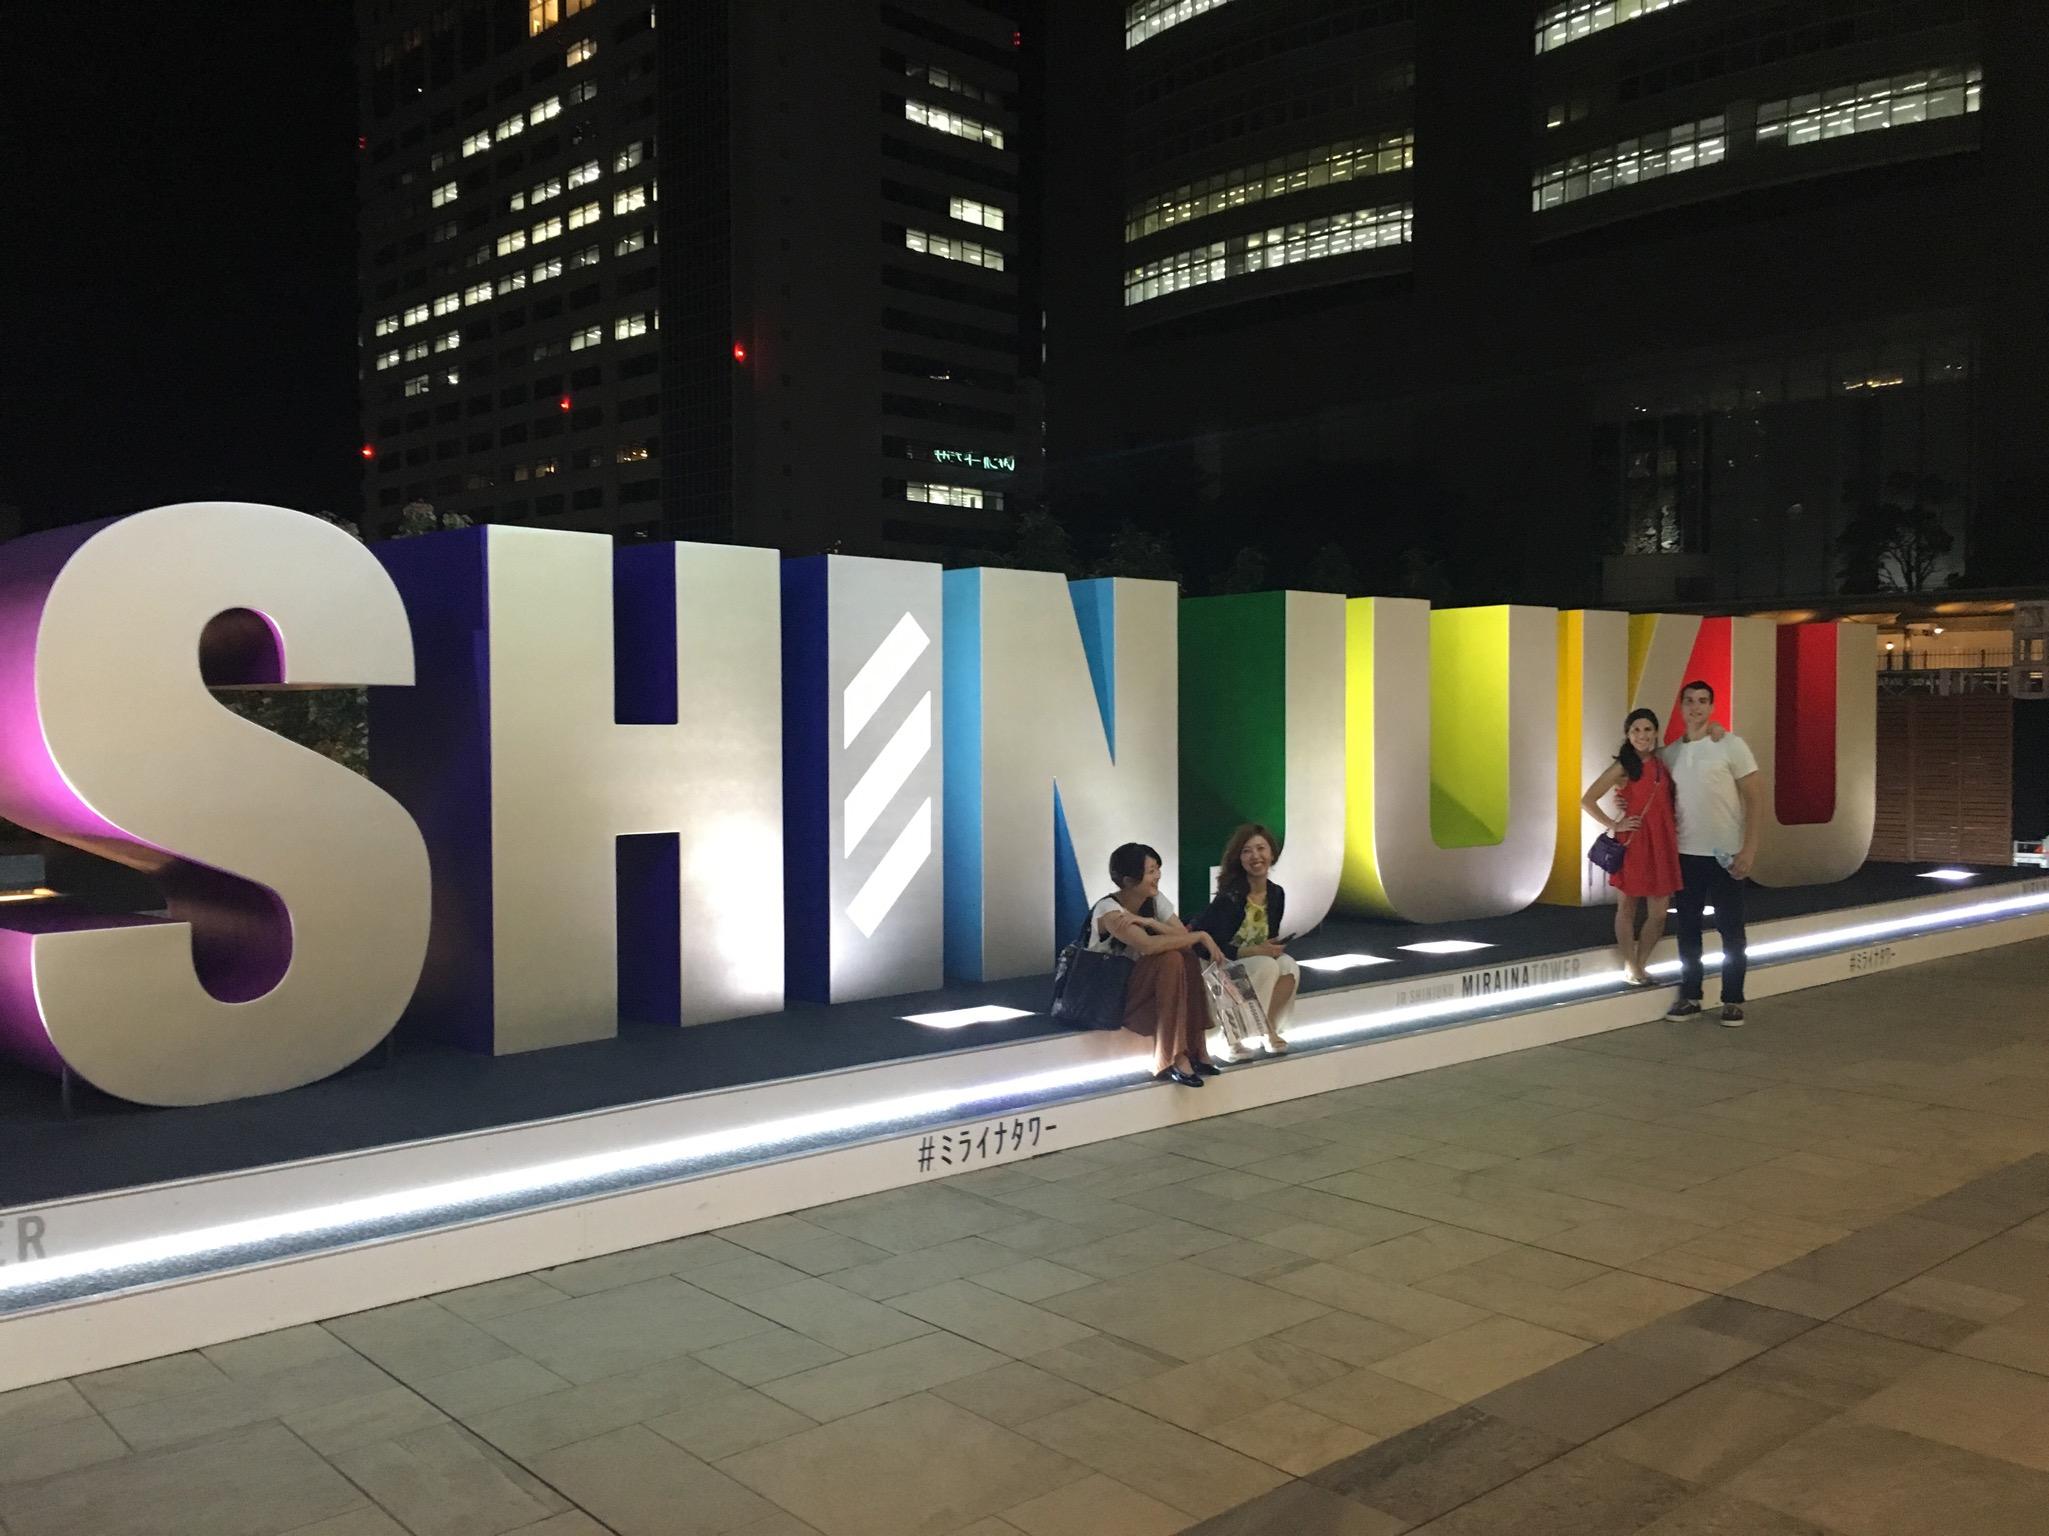 Shinjukusign